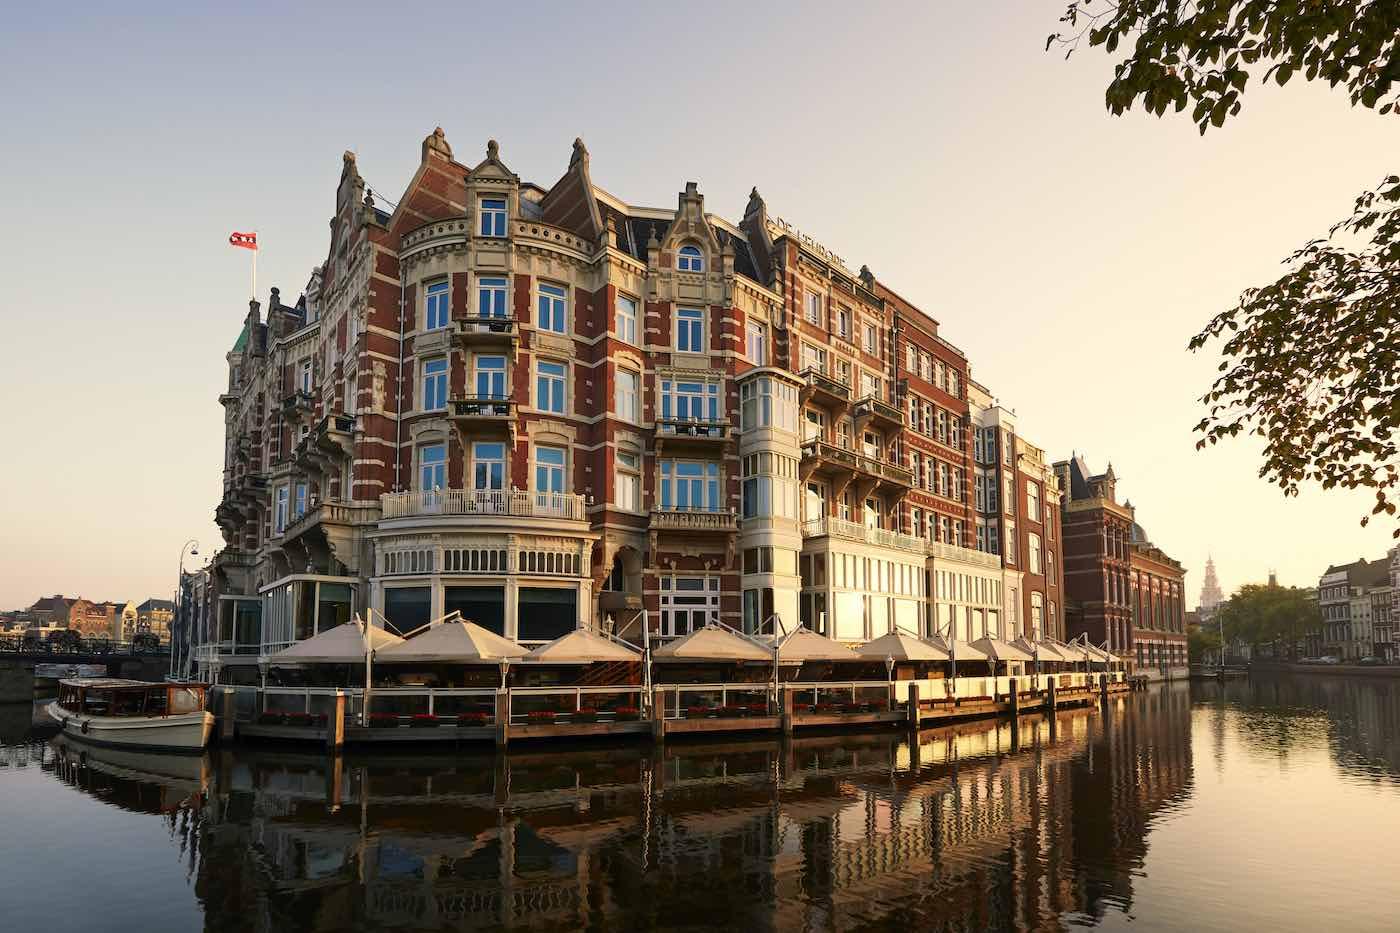 La transformación del De L?Europe, el hotel de lujo más antiguo de Ámsterdam